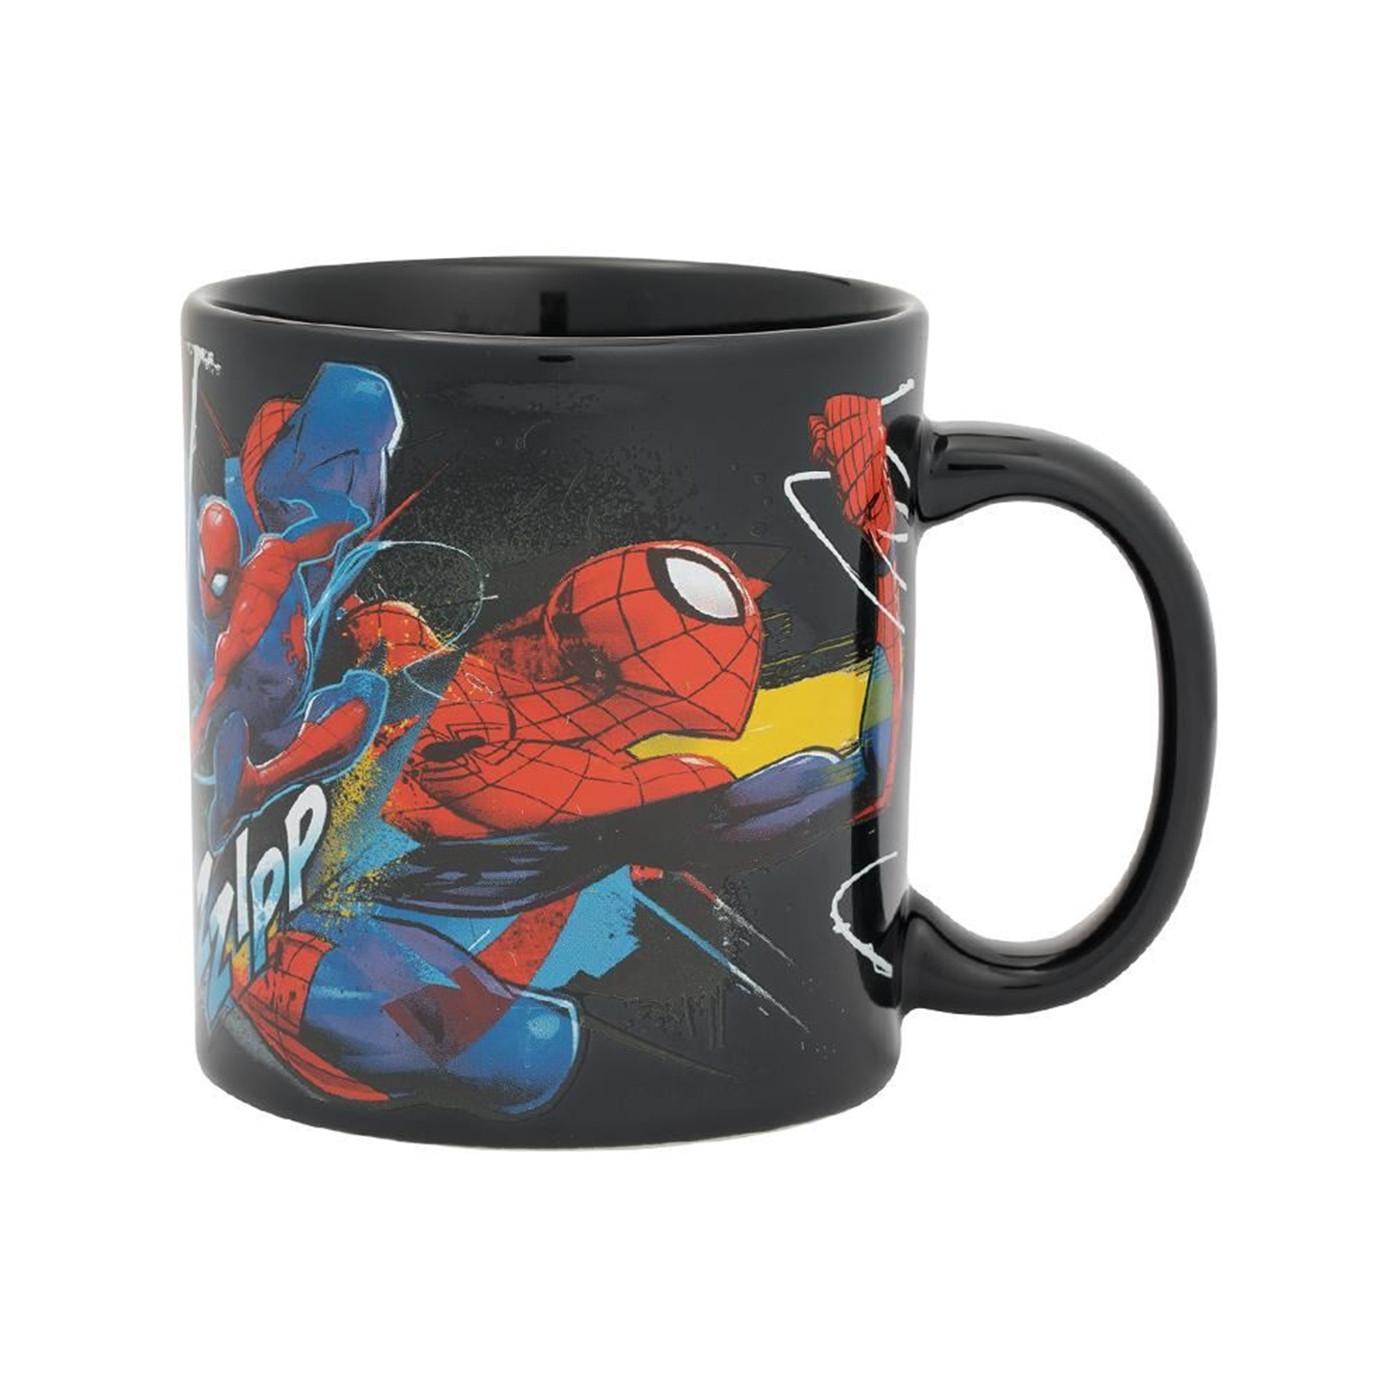 Marvel Spider-Man Web Slinging Time 20 oz. Ceramic Mug